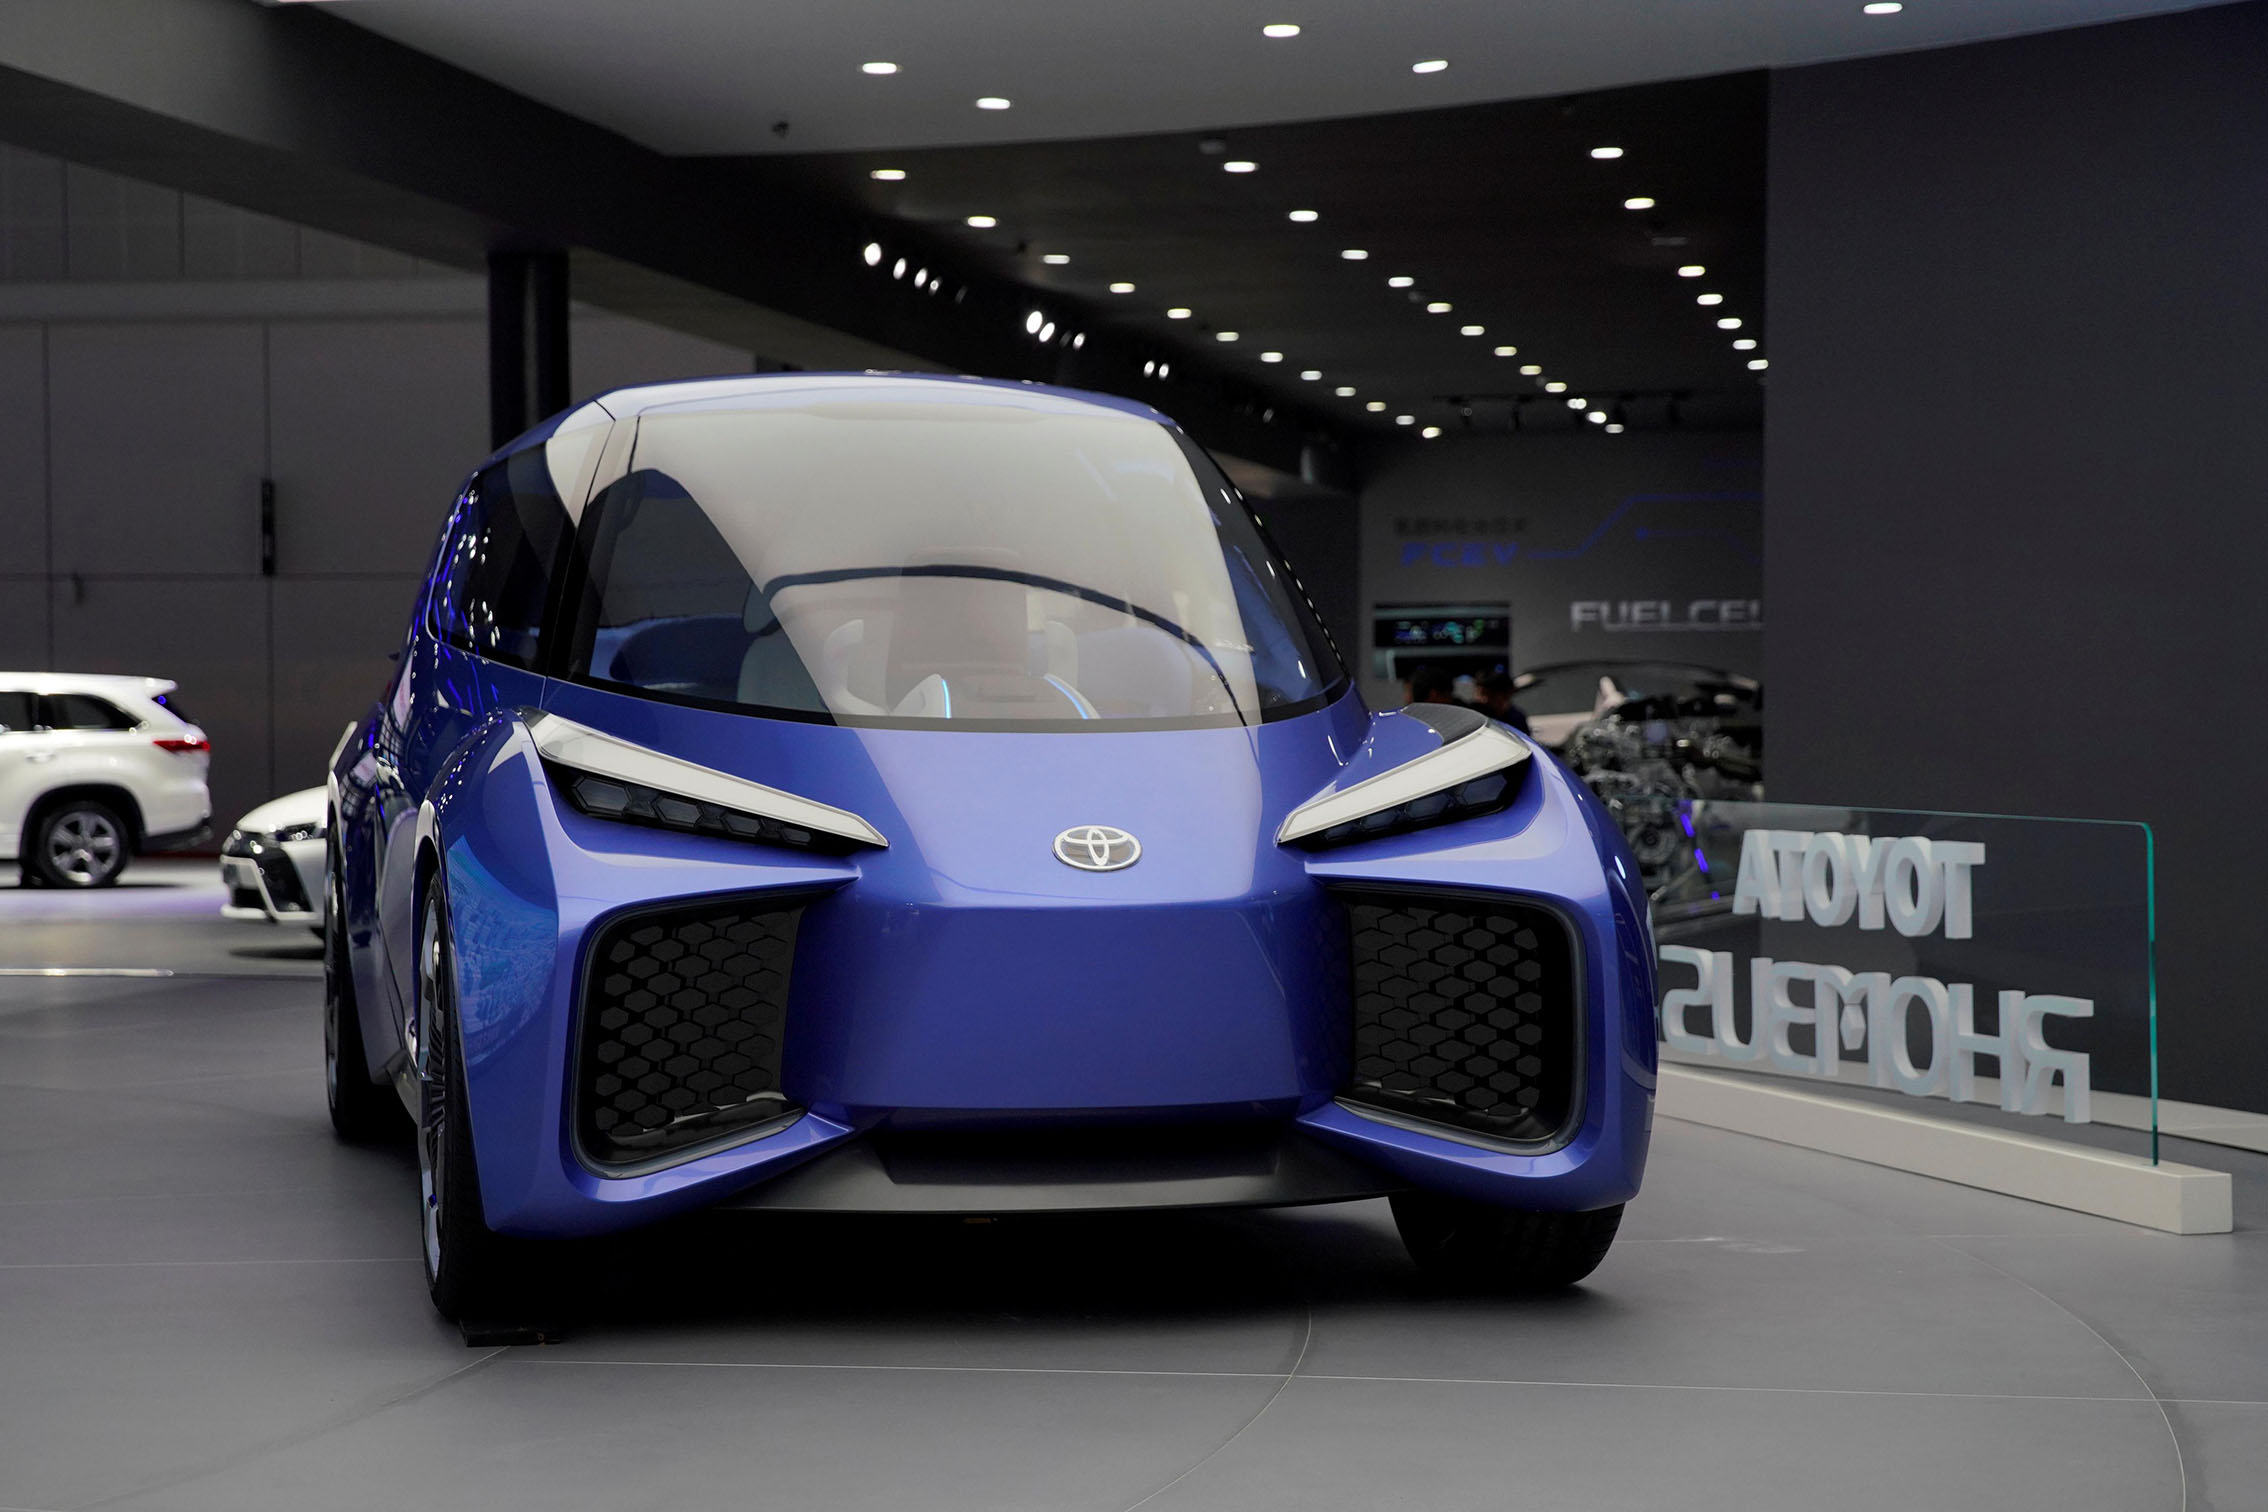 b8d905639 2 مليار دولار لتطوير سيارات كهربائية في إندونيسيا